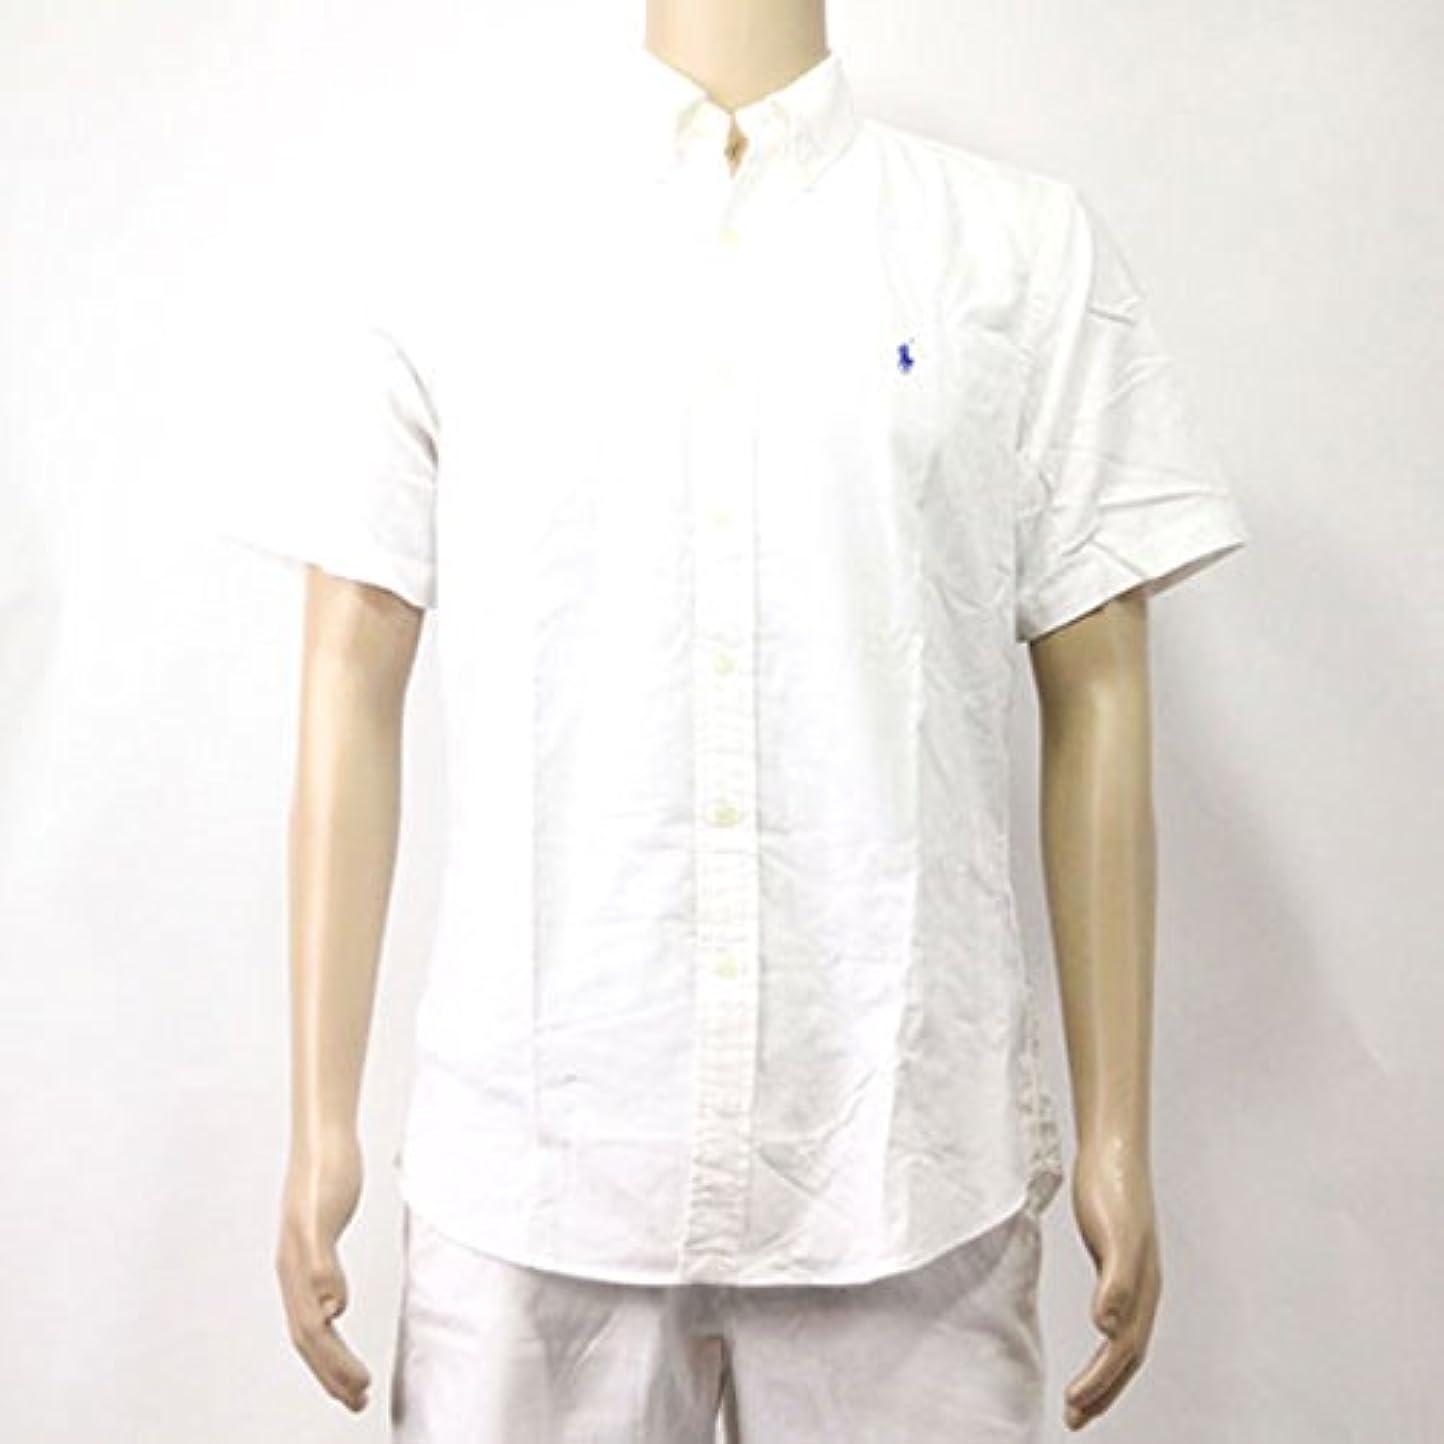 銀行難民海里[ポロ ラルフローレン] POLO RALPH LAUREN 正規品 メンズ 長袖シャツ Custom-Fit Short Sleeve 並行輸入品 (コード:4075890501)